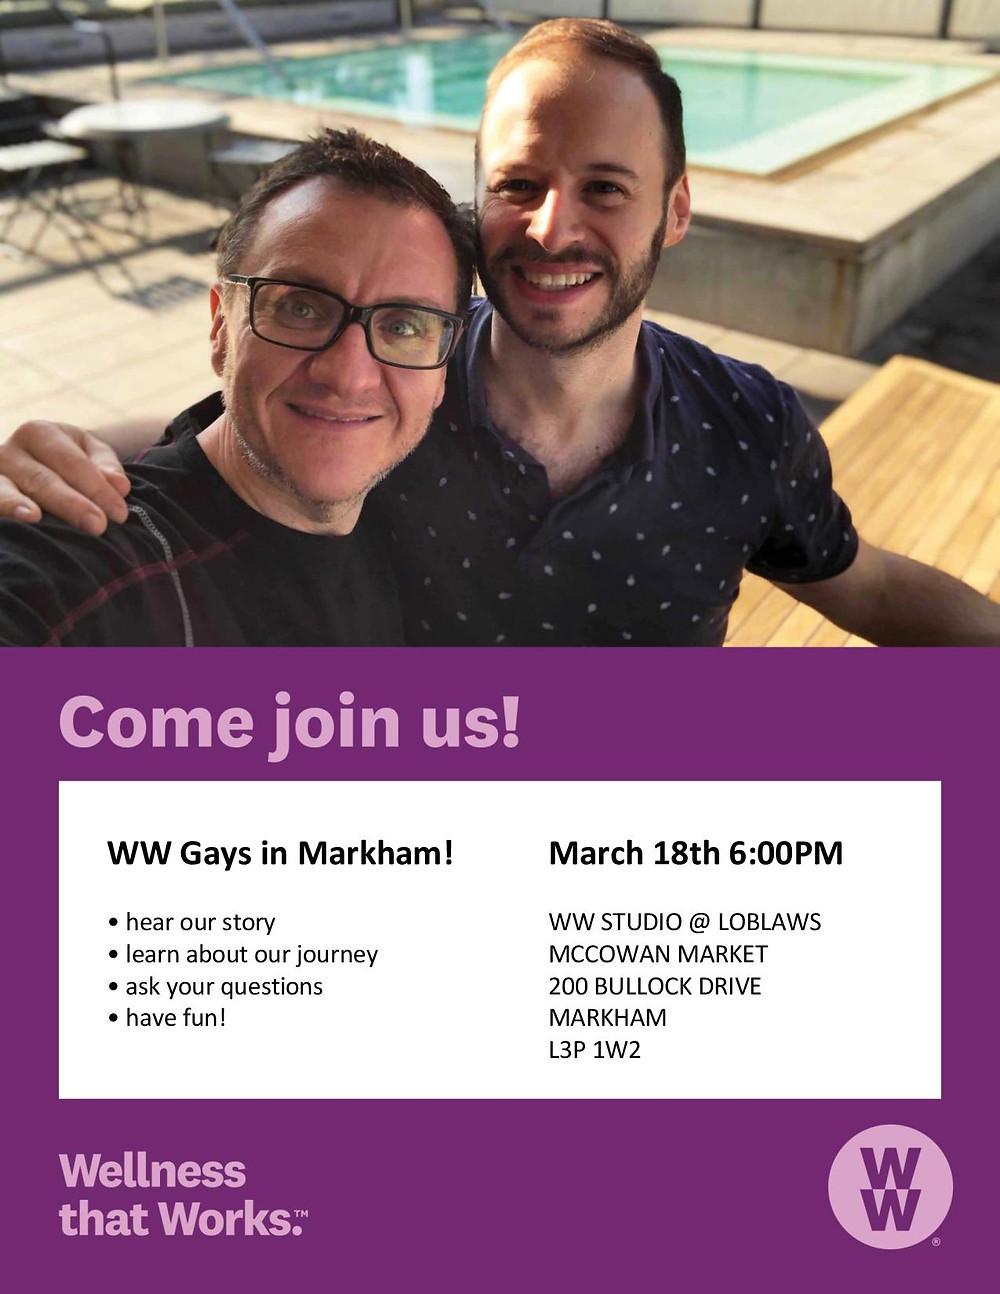 WW Gays in Markham